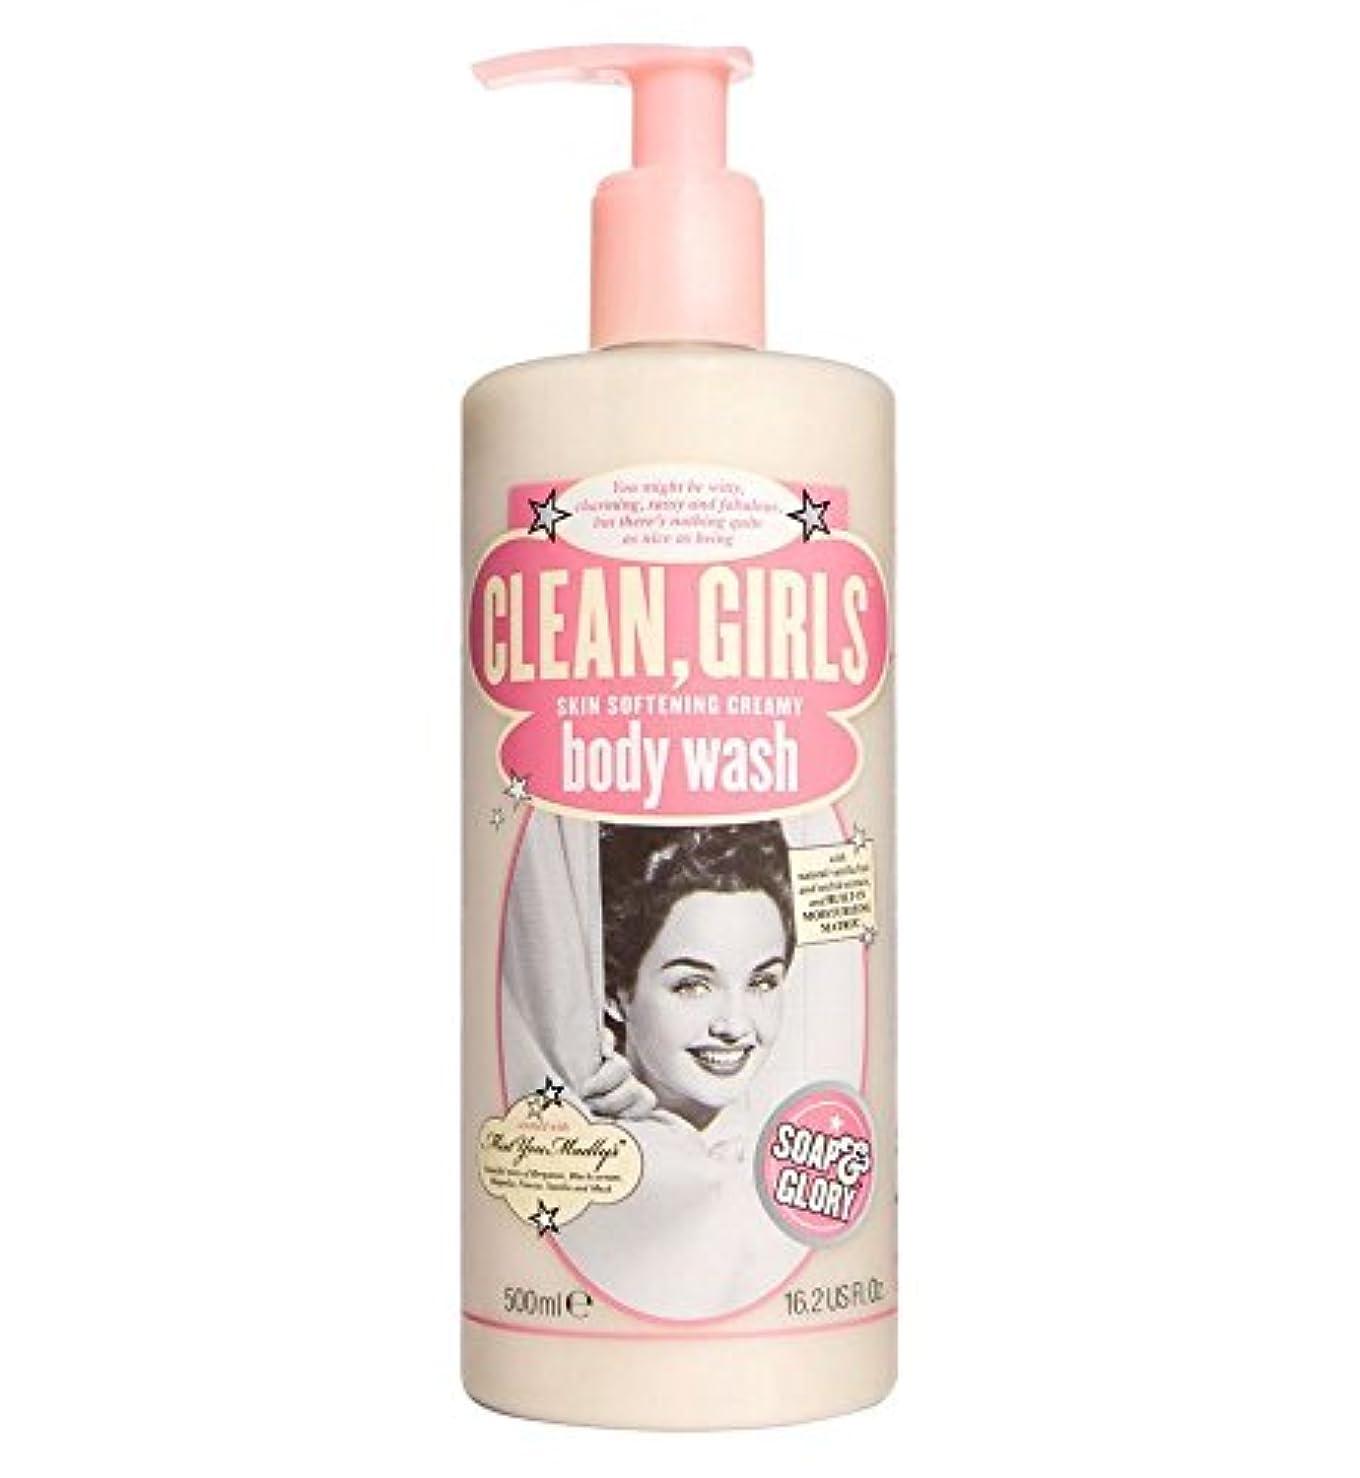 半導体うそつき通信網Soap & Glory Clean Girls Body Wash 500ml by Soap & Glory [並行輸入品]